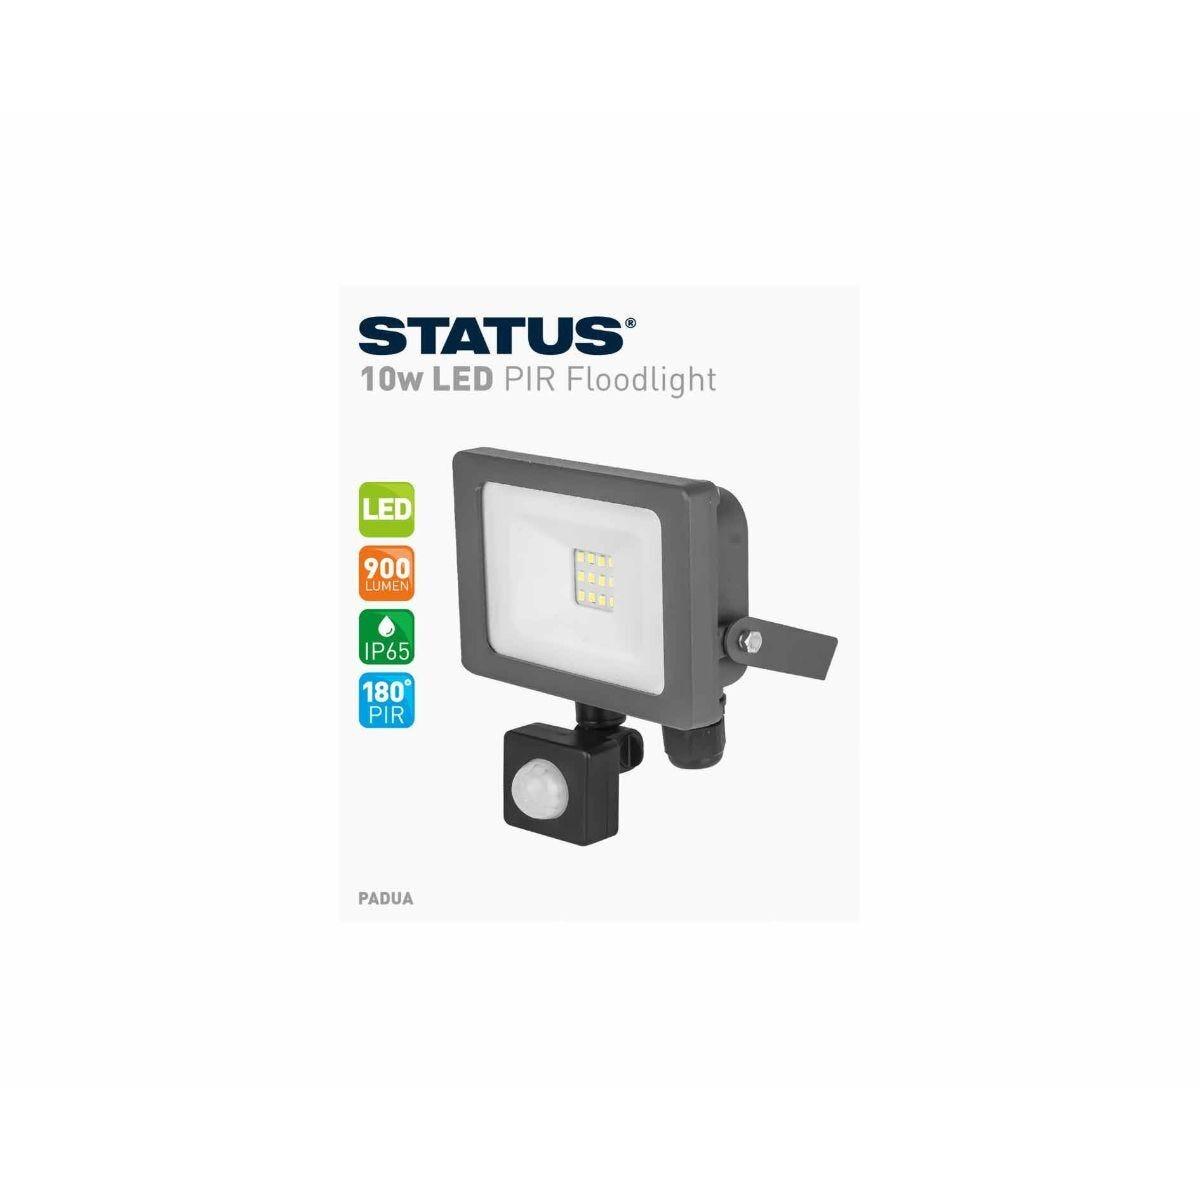 Status Slimline LED PIR Motion Sensor Light White